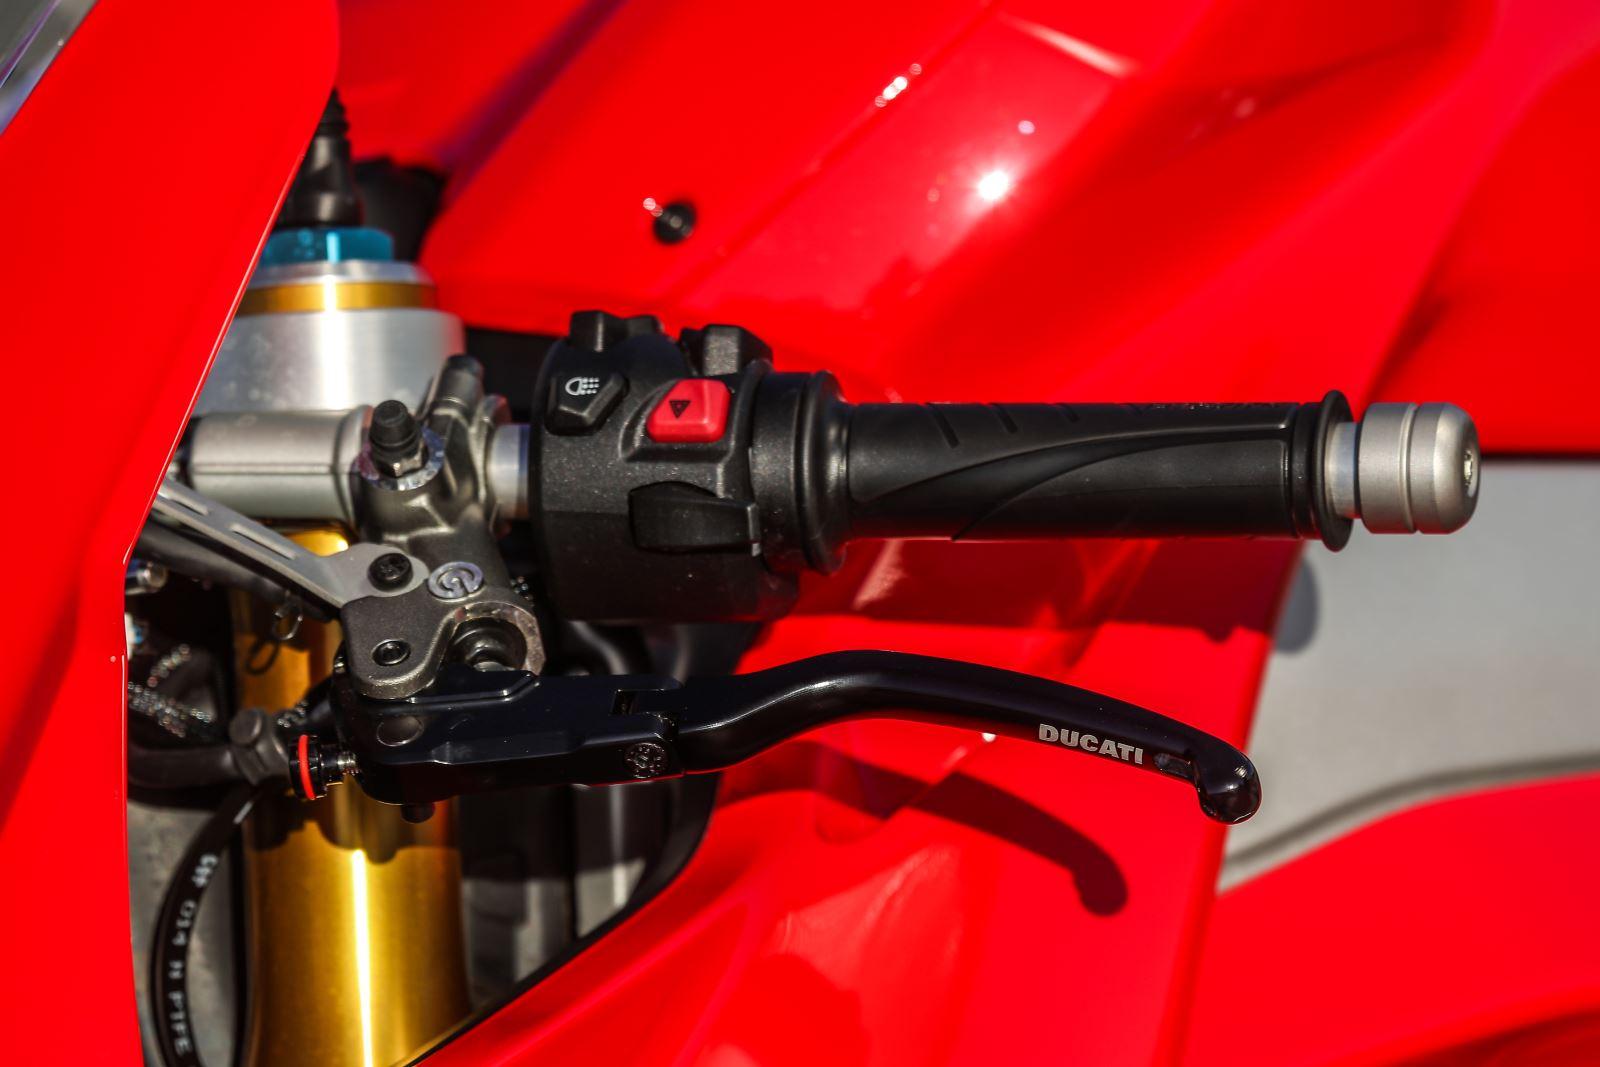 Ducati Panigale V4: Gerçekten Efsanesi Kadar İyi Mi? 9. İçerik Fotoğrafı